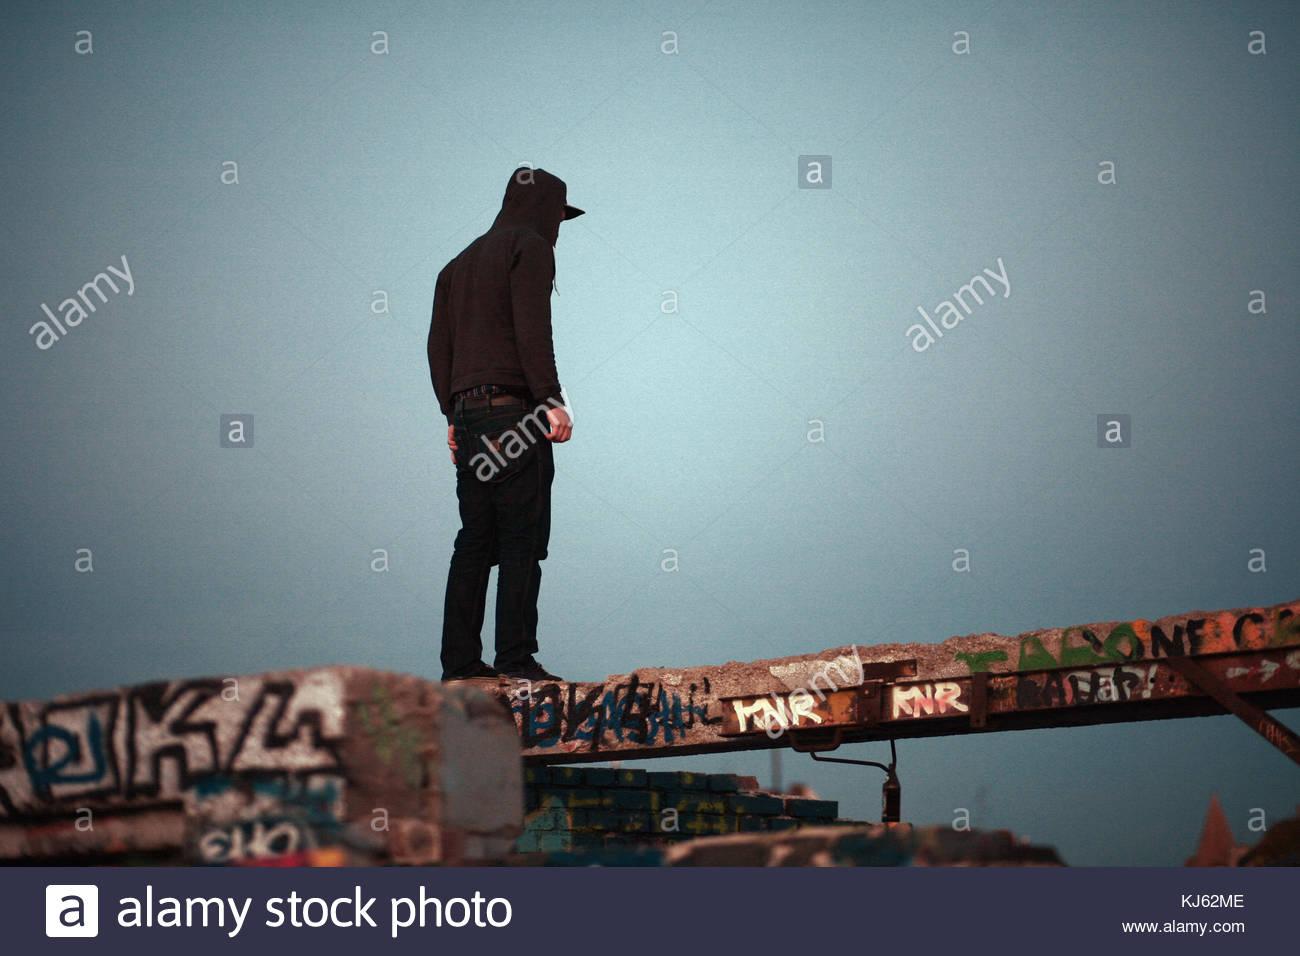 Giovane uomo adulto su graffiti a piedi Immagini Stock